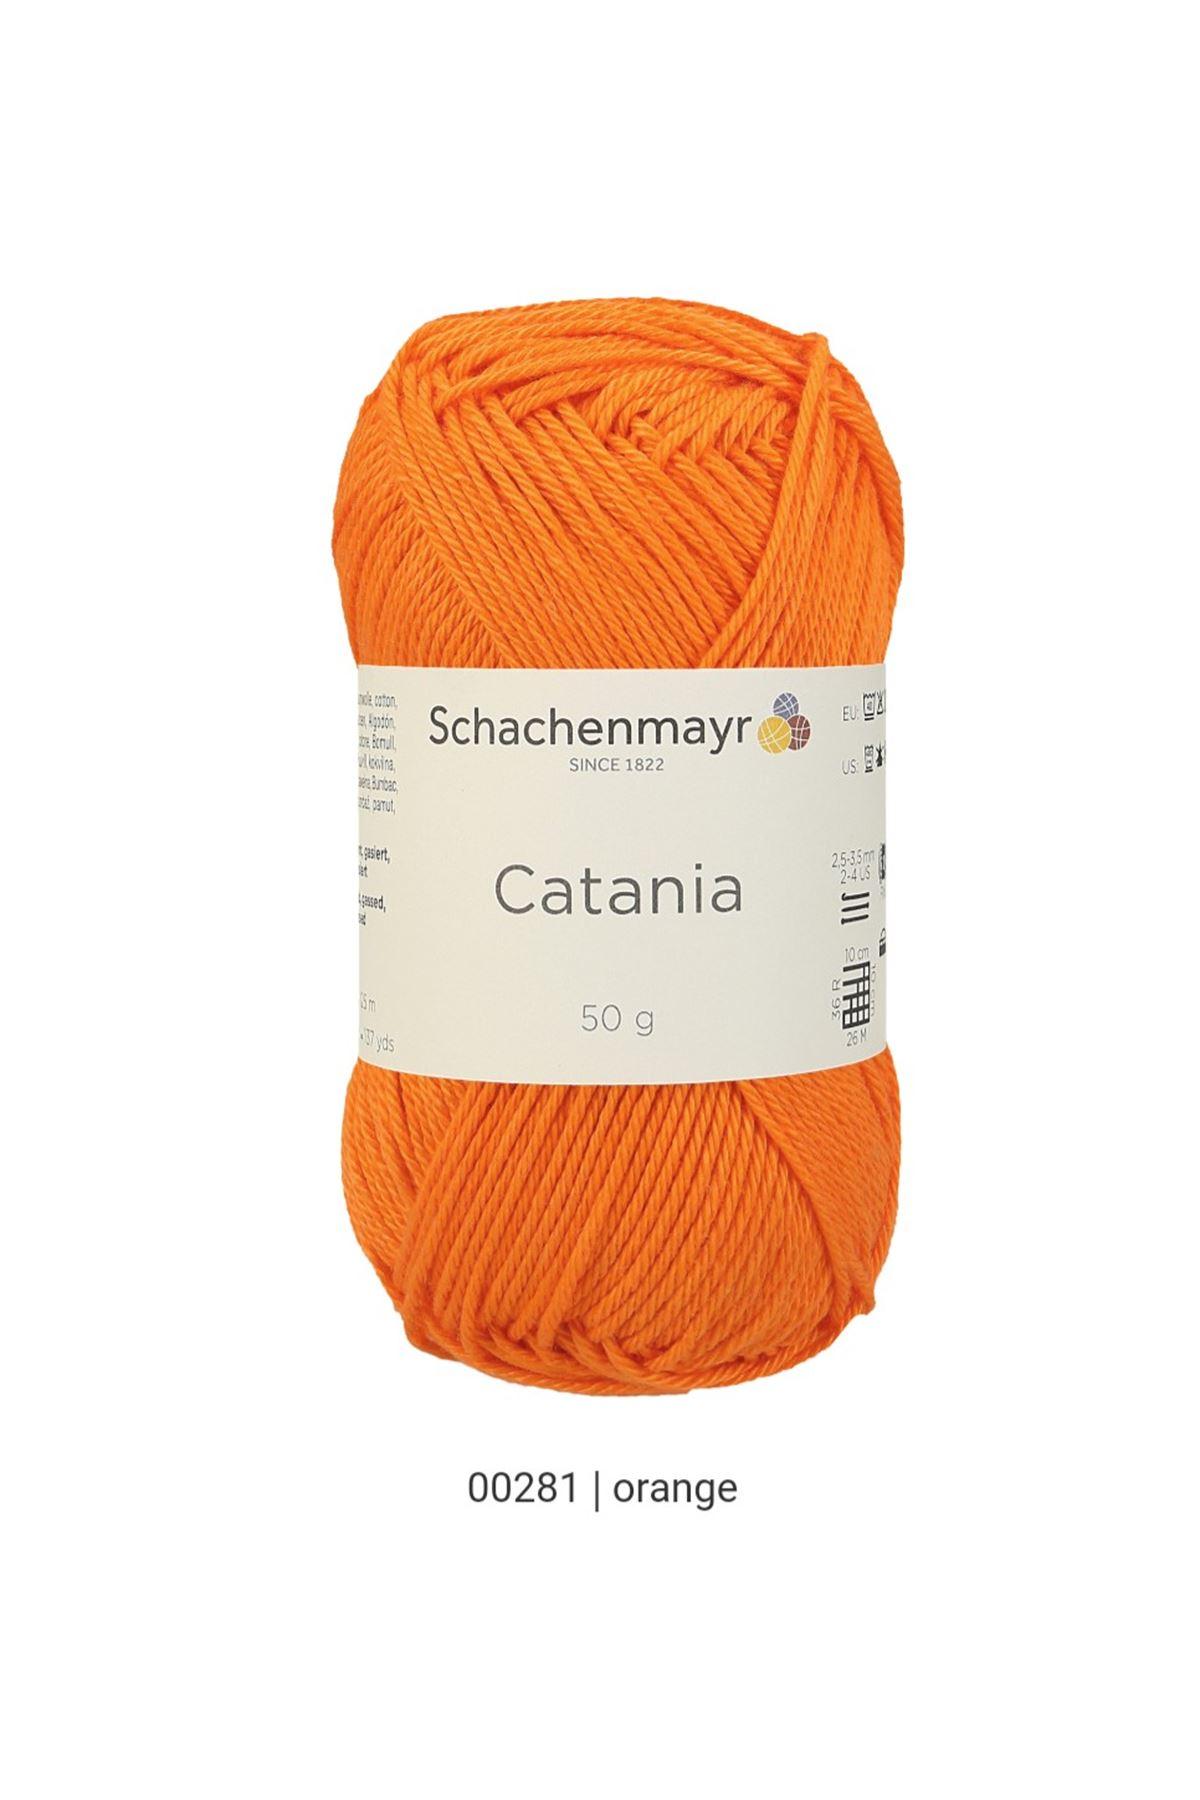 SMC Catania 50g 00281 Orange Turuncu